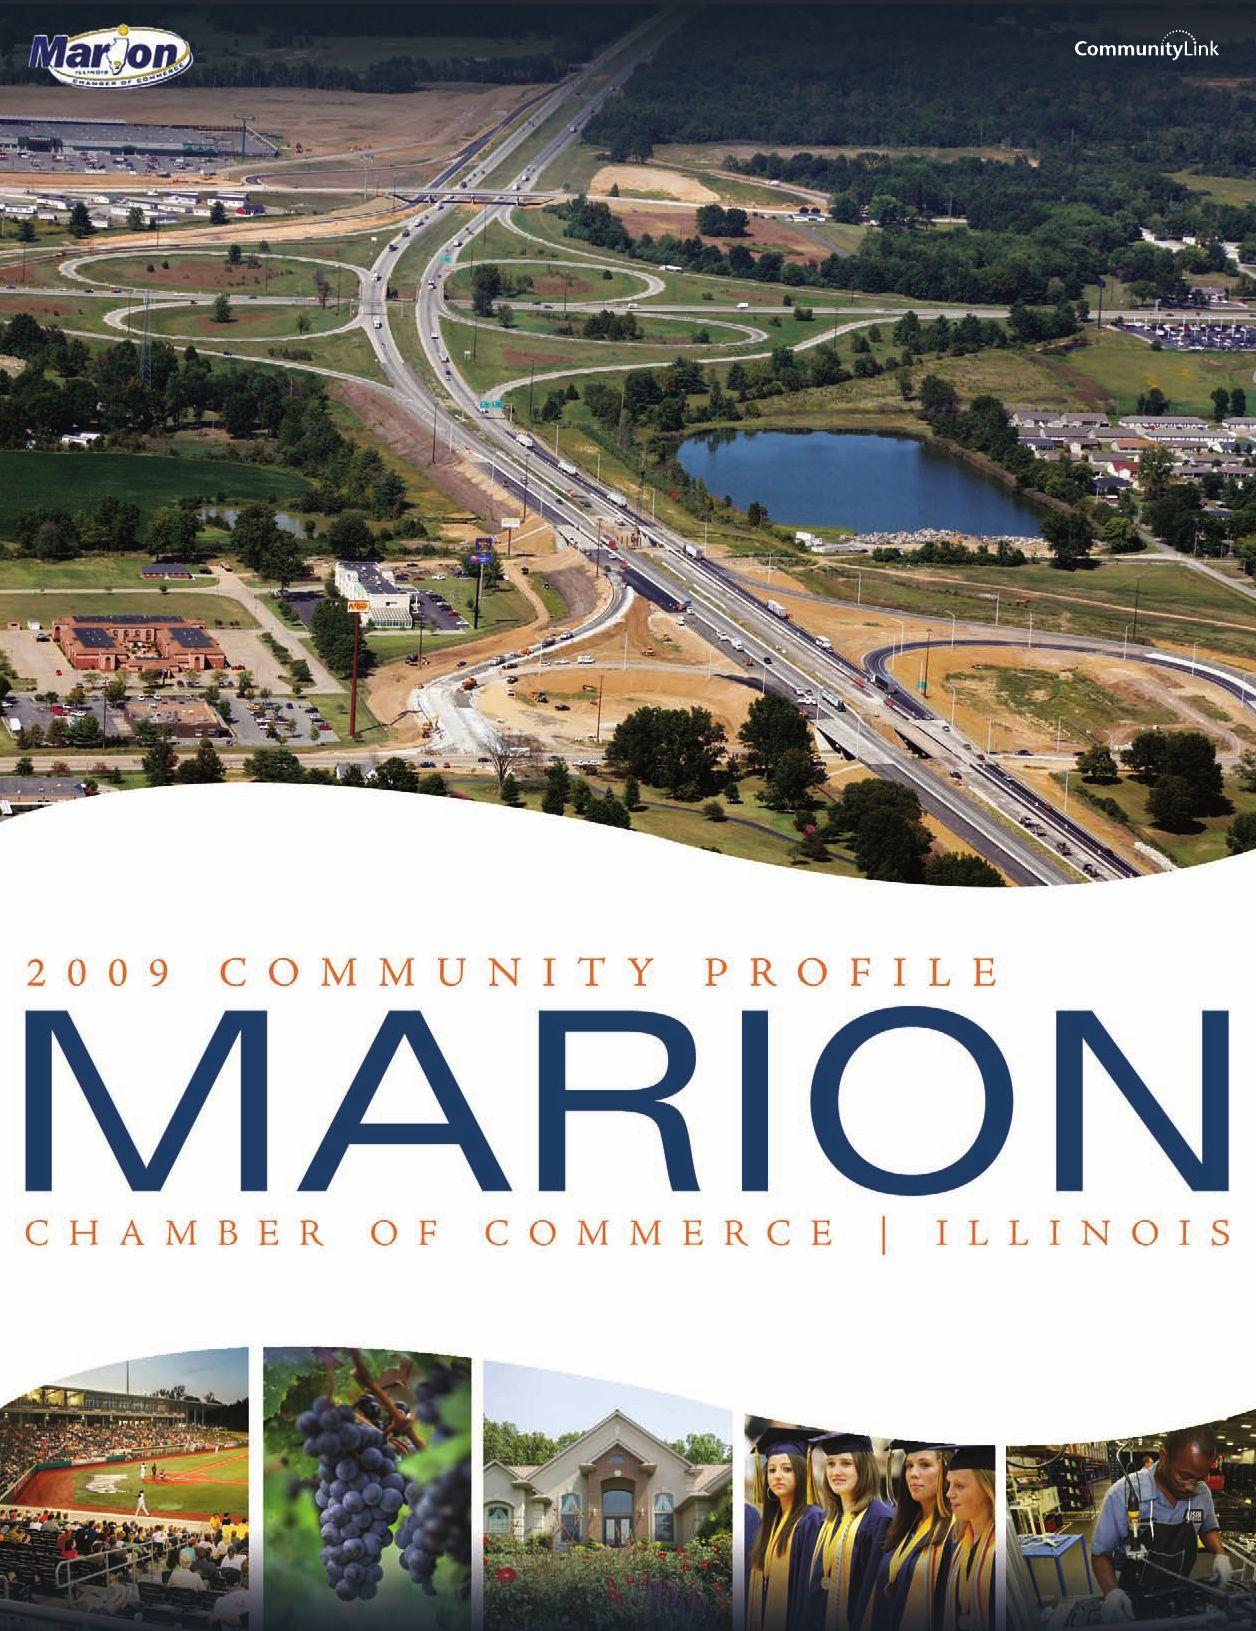 Marion, IL 2009 Community Profile by Tivoli Design + Media